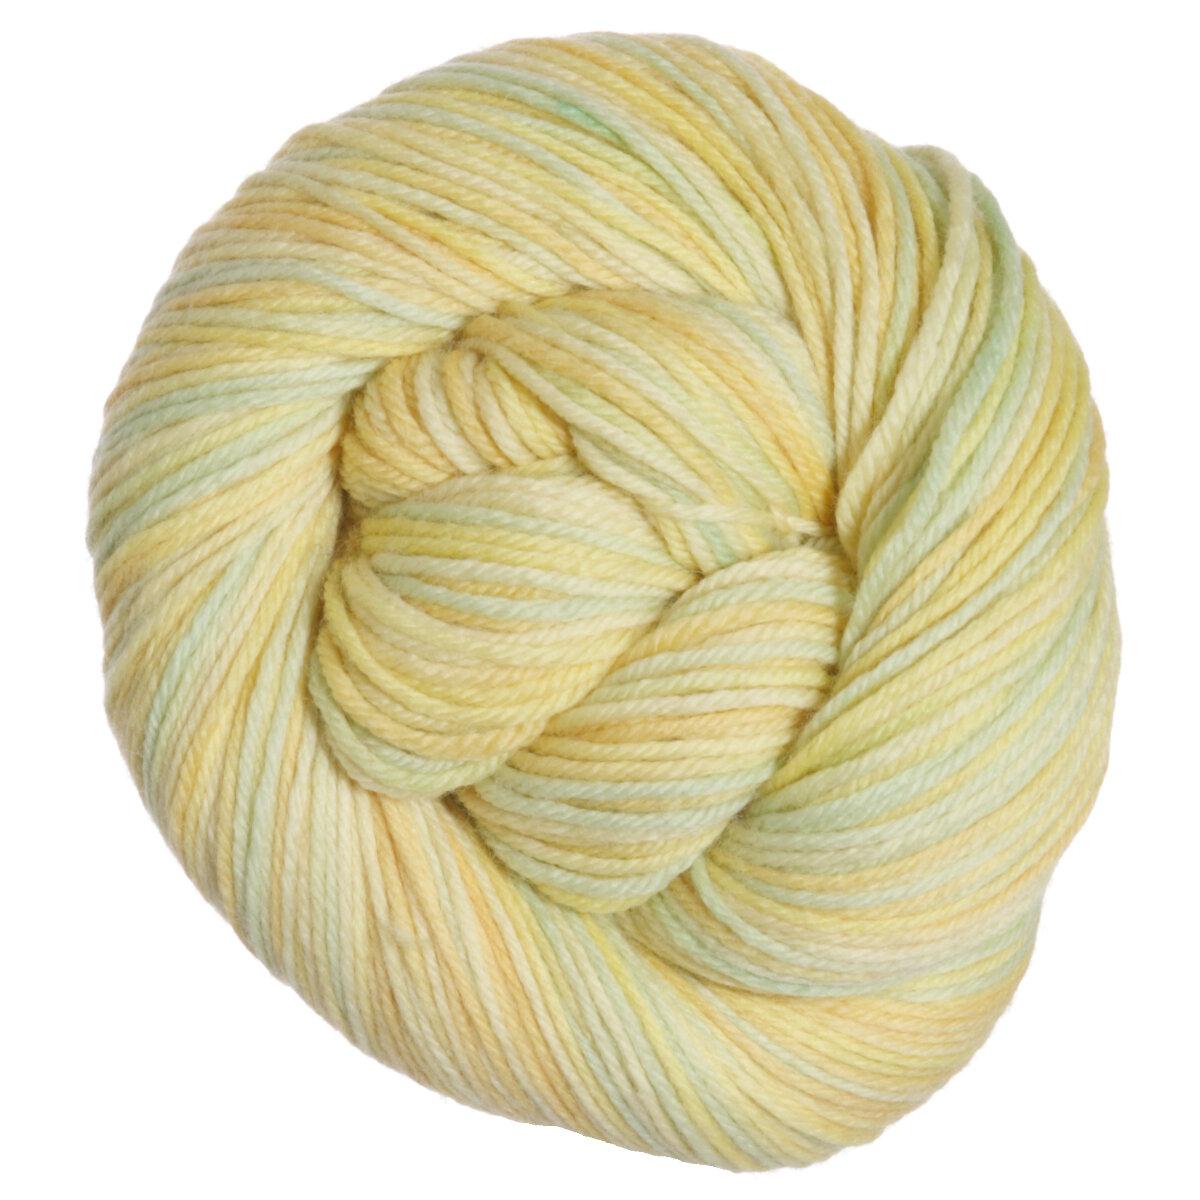 Cascade 220 Yarn Related Keywords & Suggestions - Cascade 220 Yarn ...